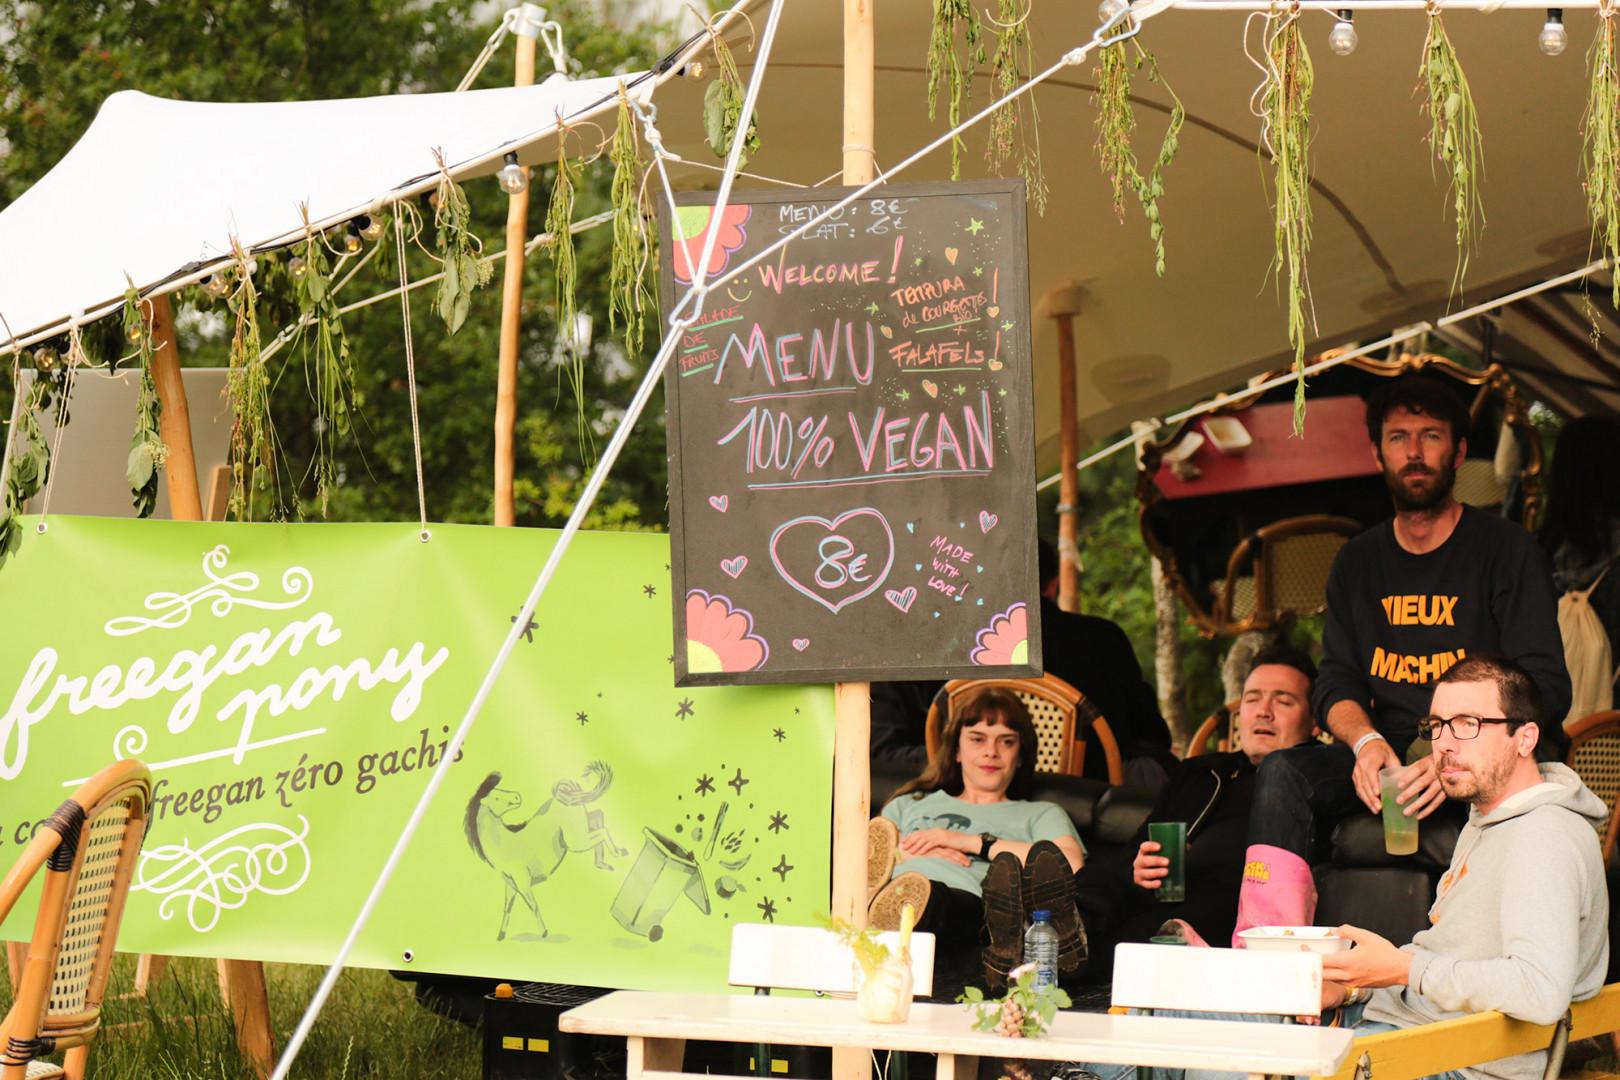 Côté nourriture, des menus 100% végétaliens étaient proposés